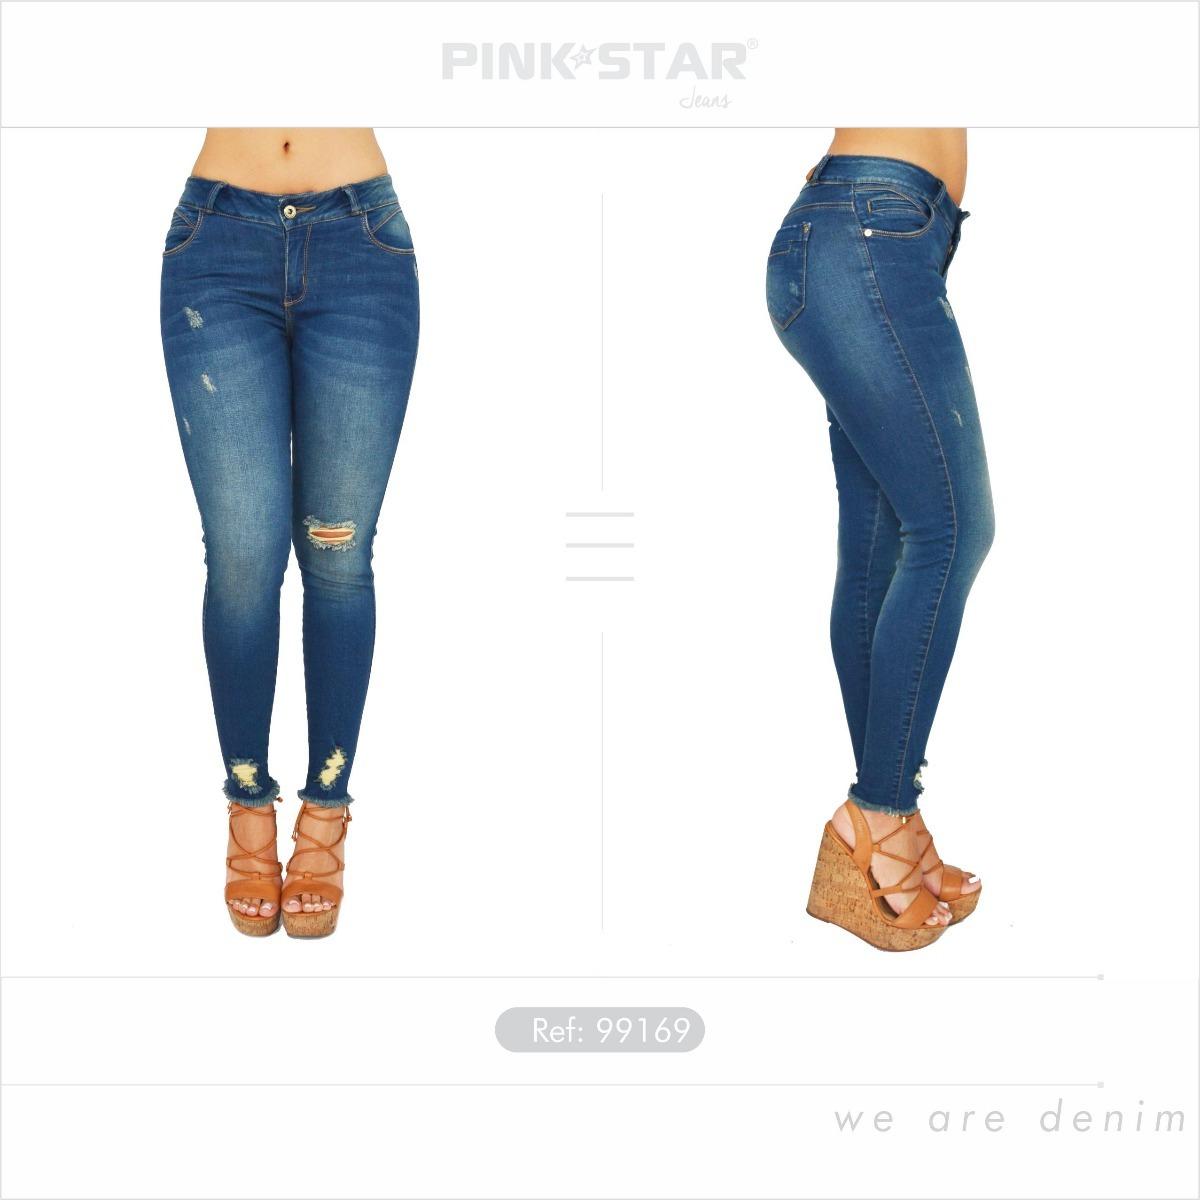 Jeans Dama Levantacola - Pink Star Jeans Push Up -   74.900 en ... 43b0d332c609